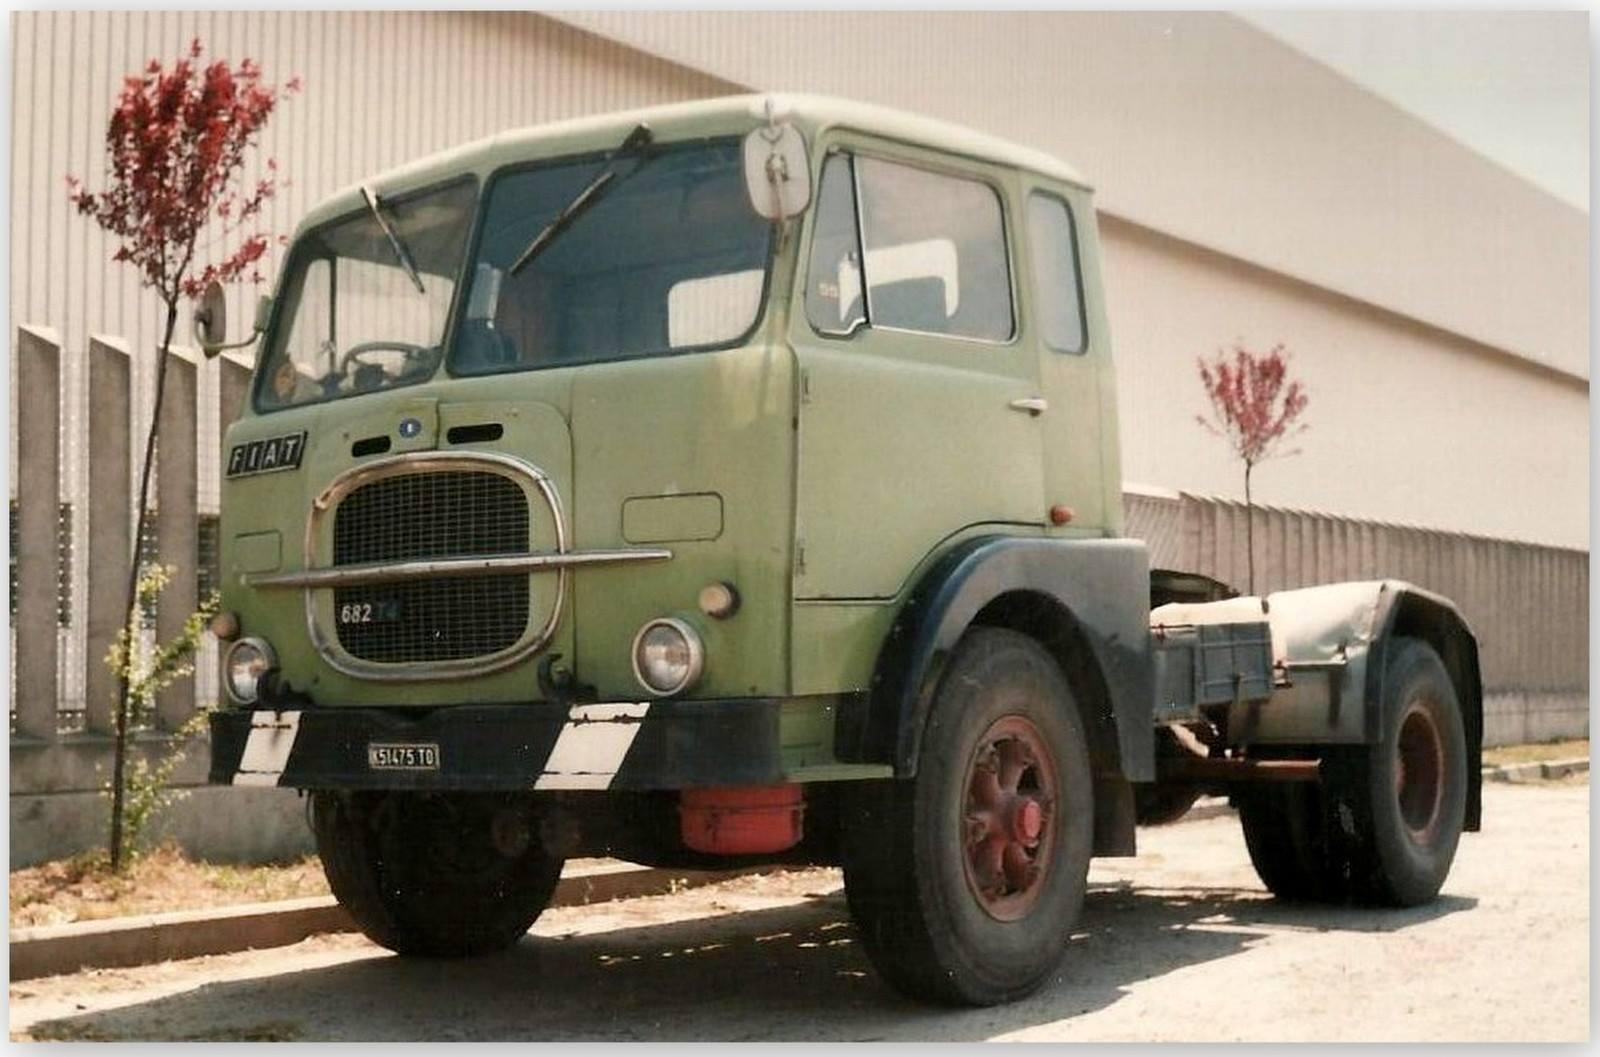 FIAT--682-T4